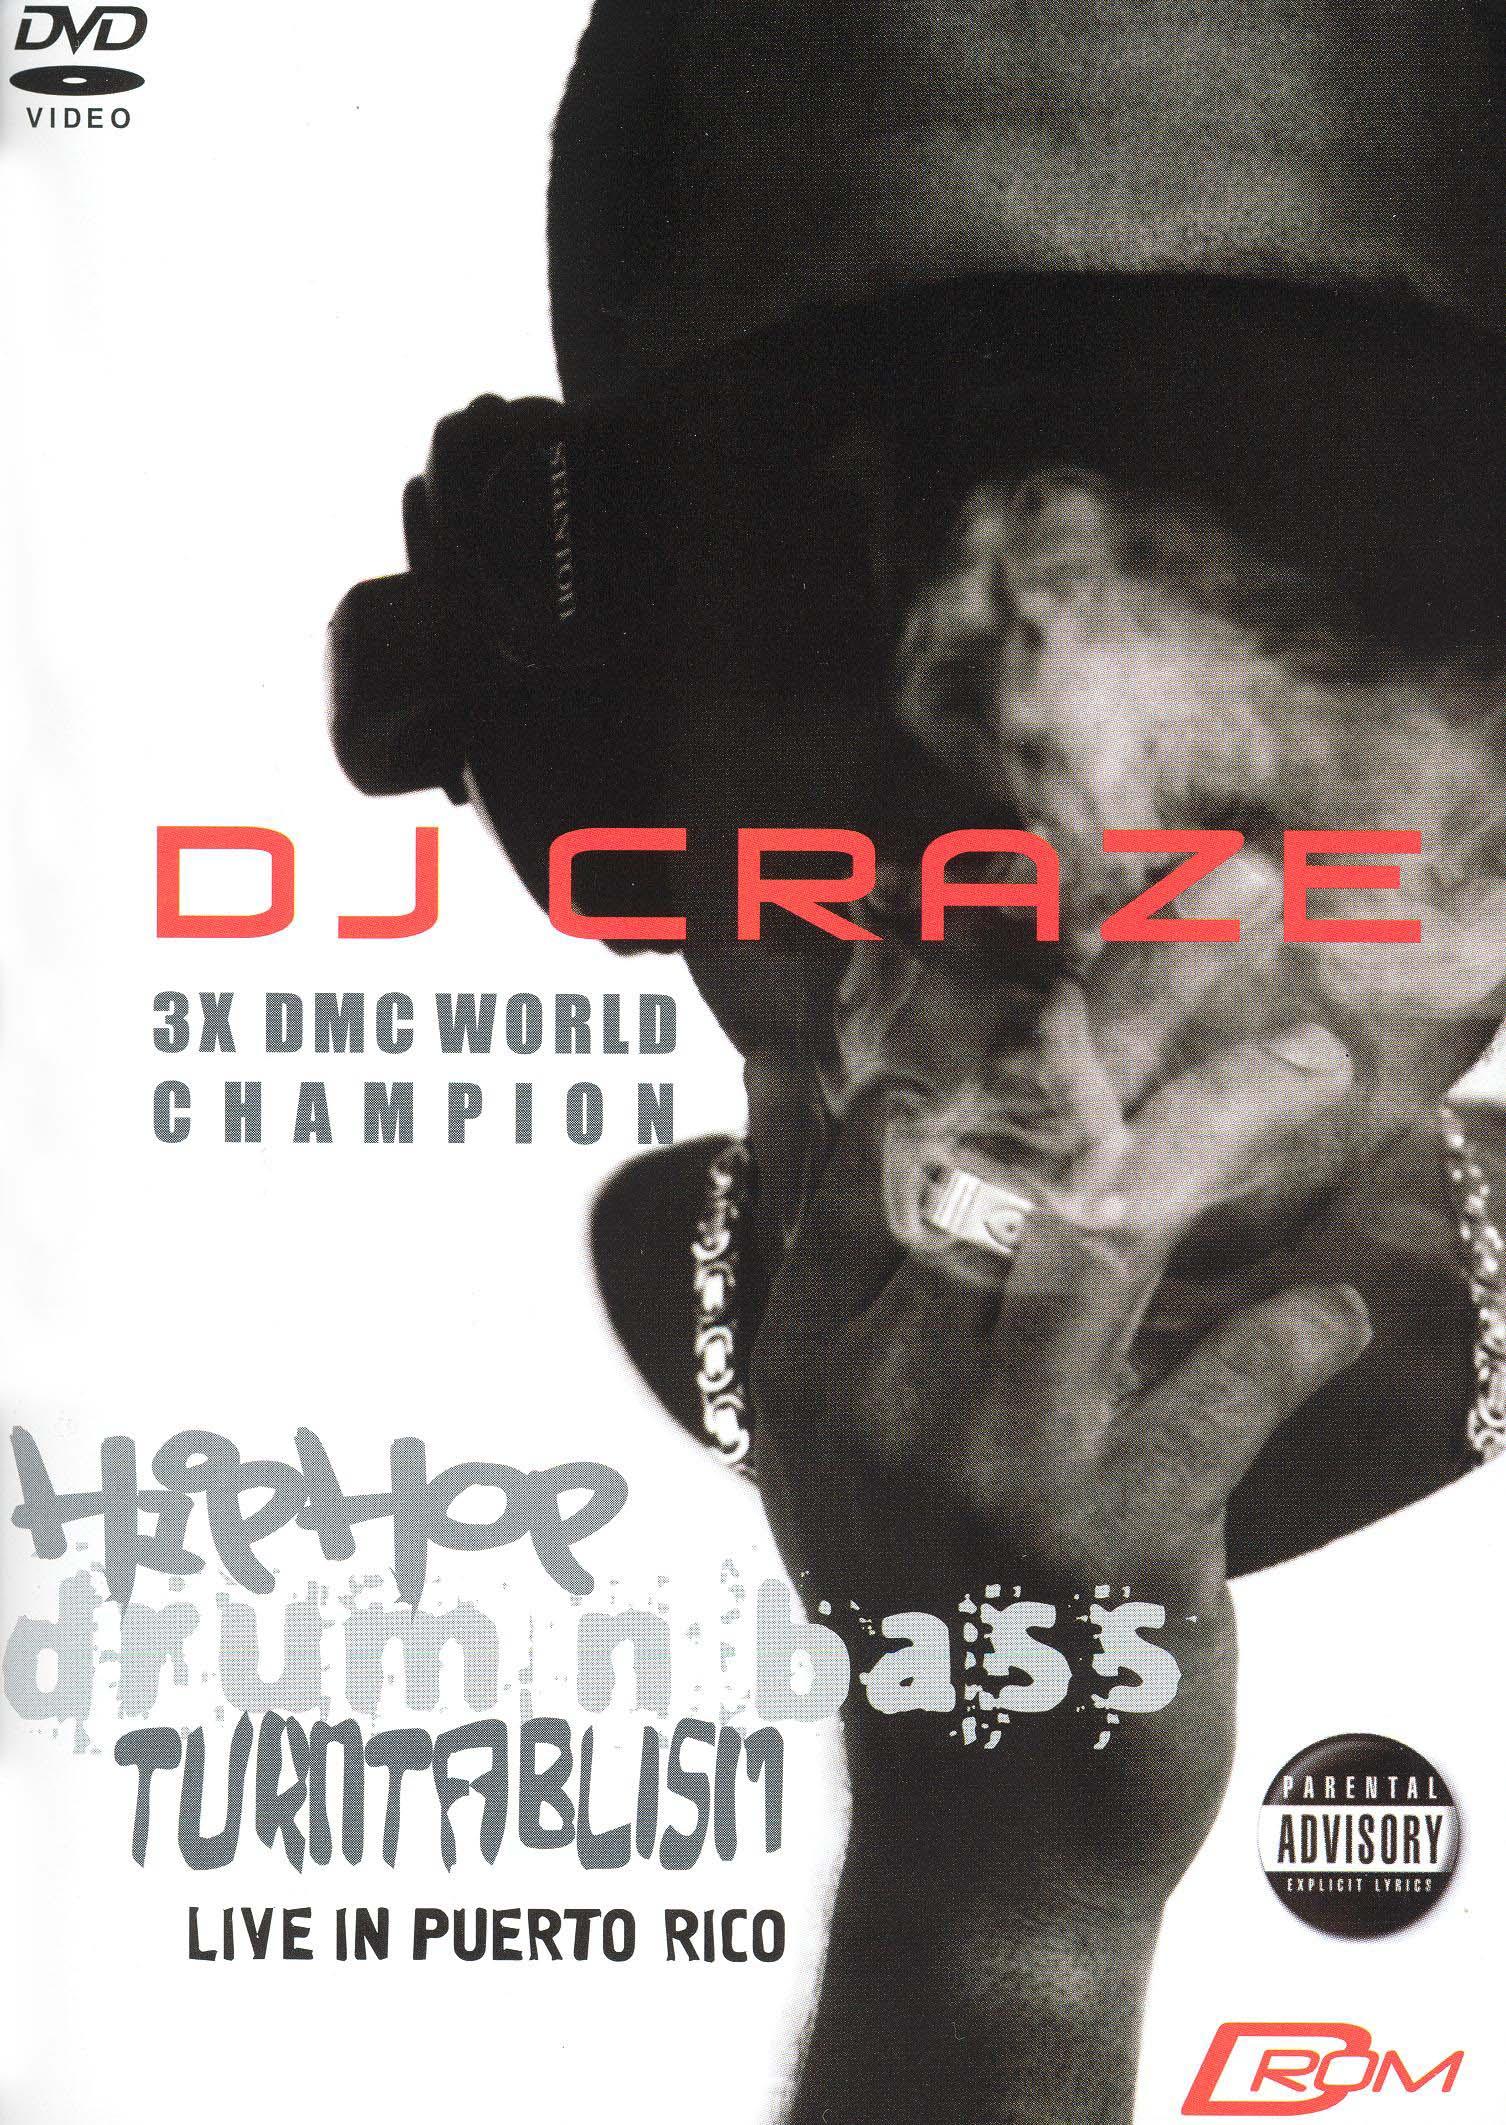 DJ Craze: Hip Hop/Drum 'n' Bass/Turntablism - Live in Puerto Rico